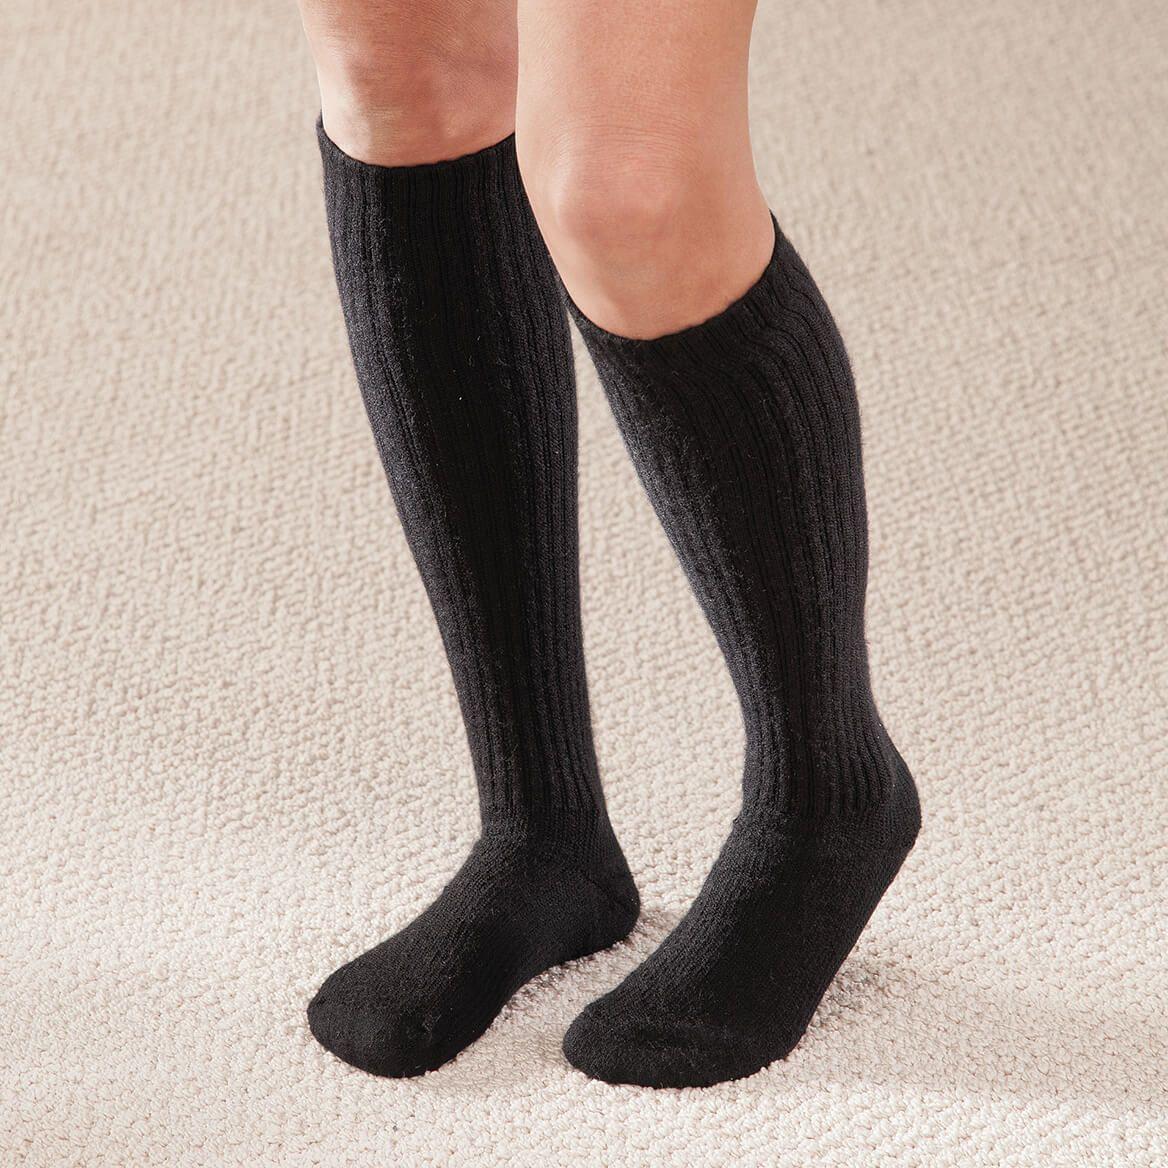 Graduated Compression Diabetic Calf Sock-348394